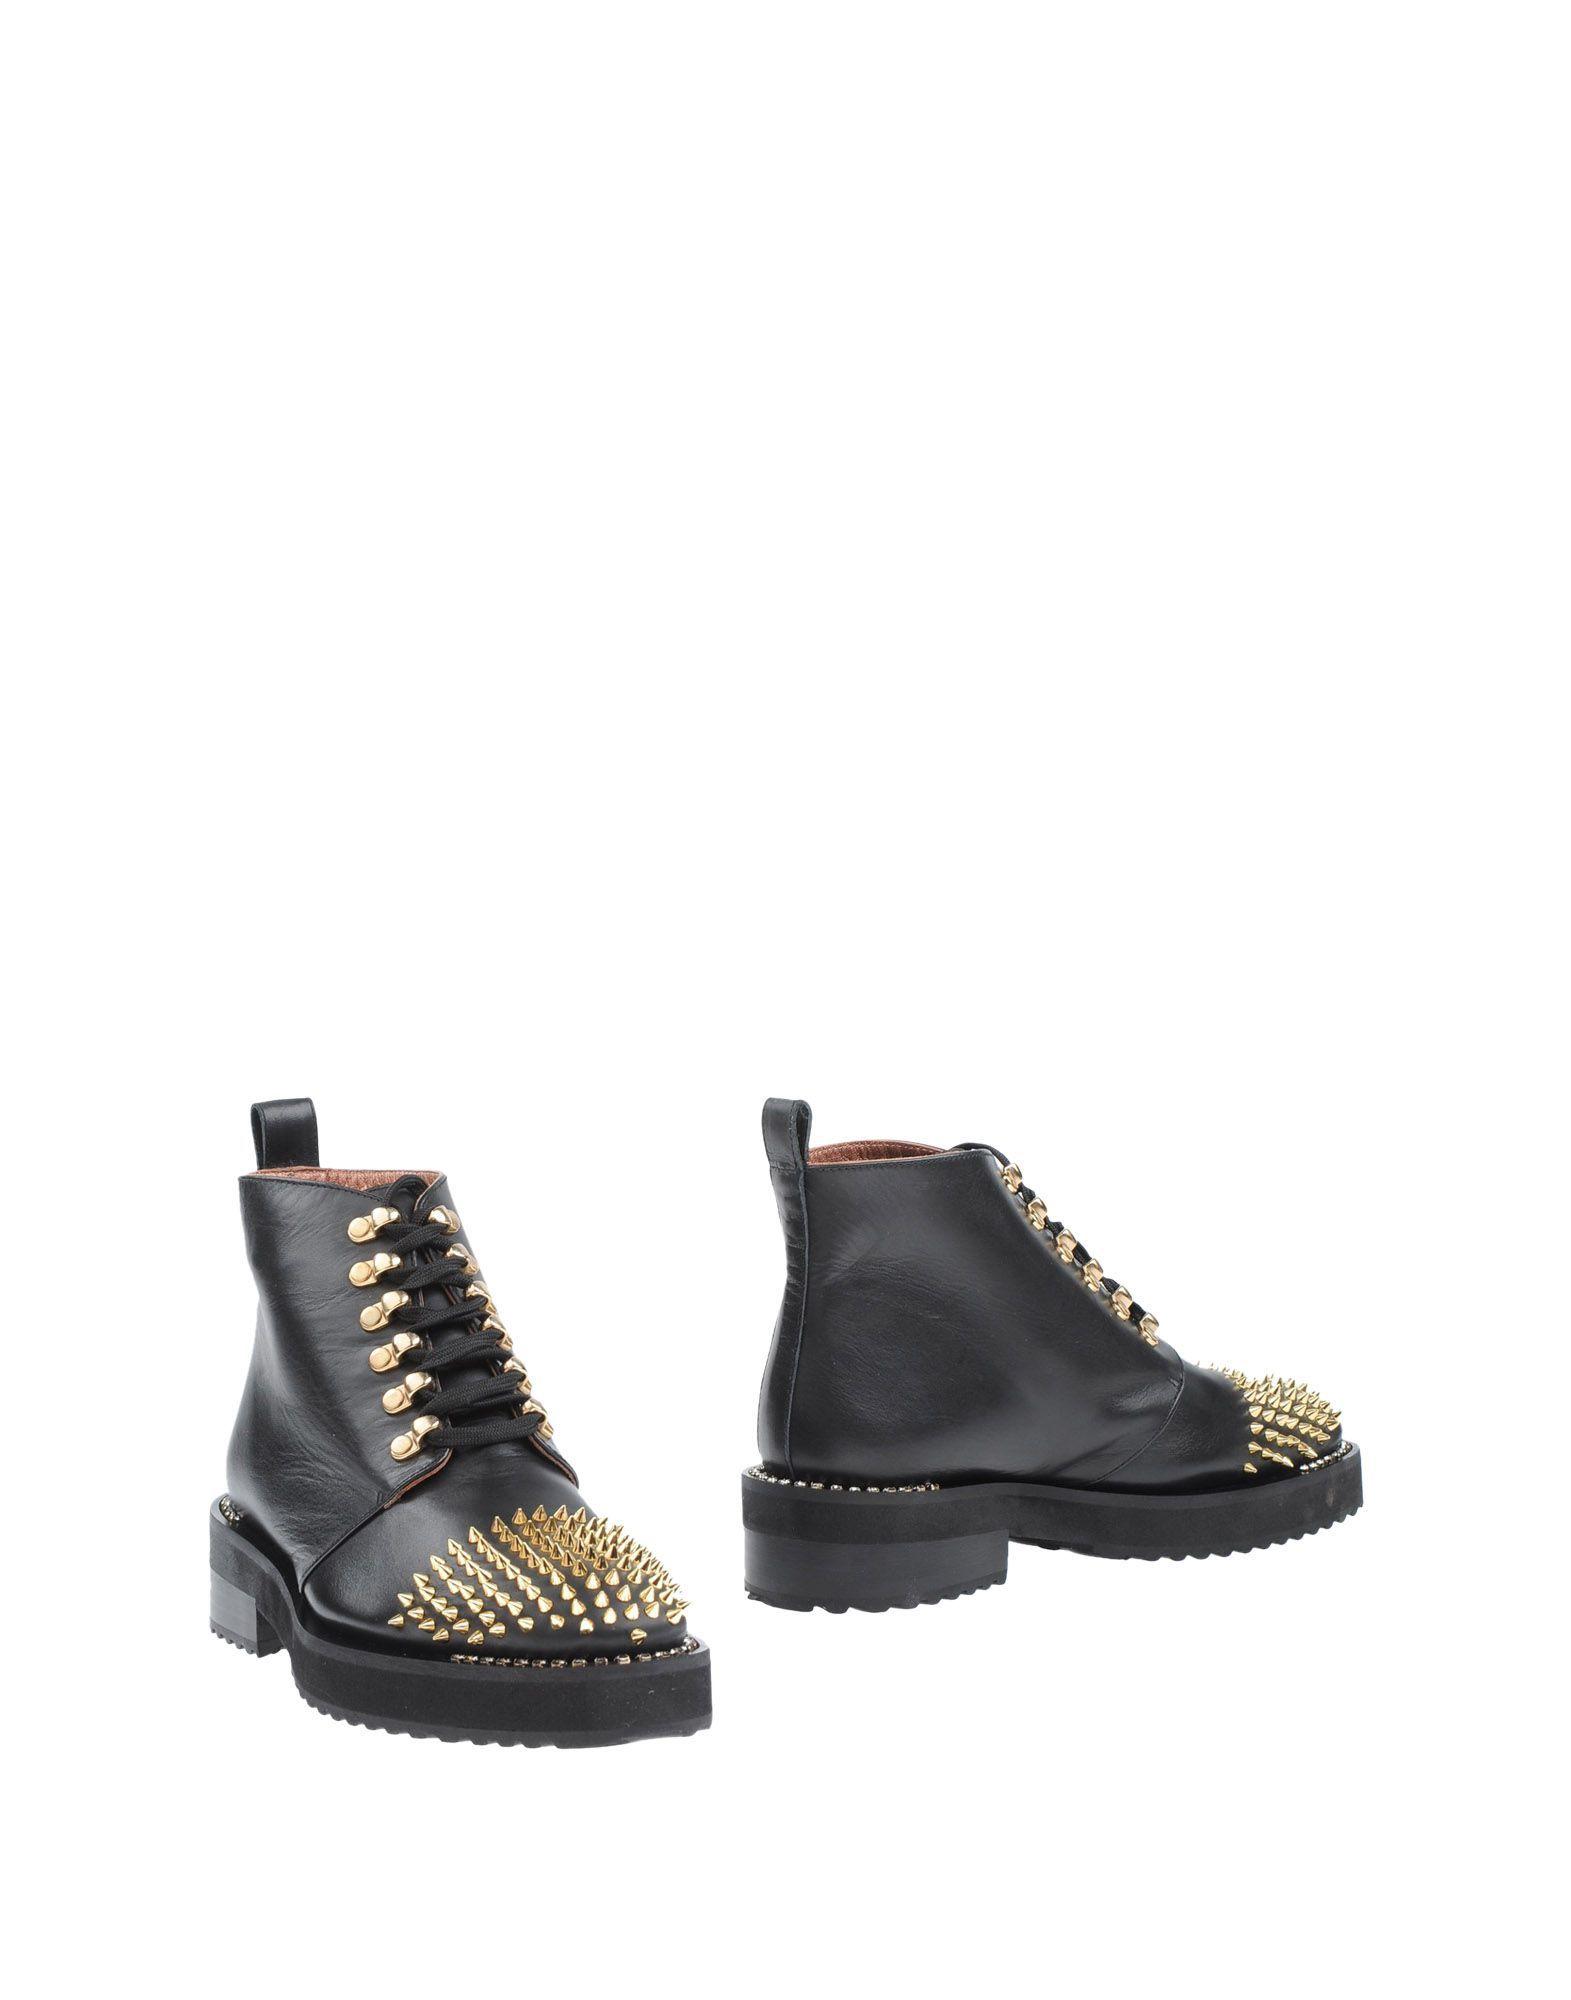 Footwear Ras Black Women's Leather